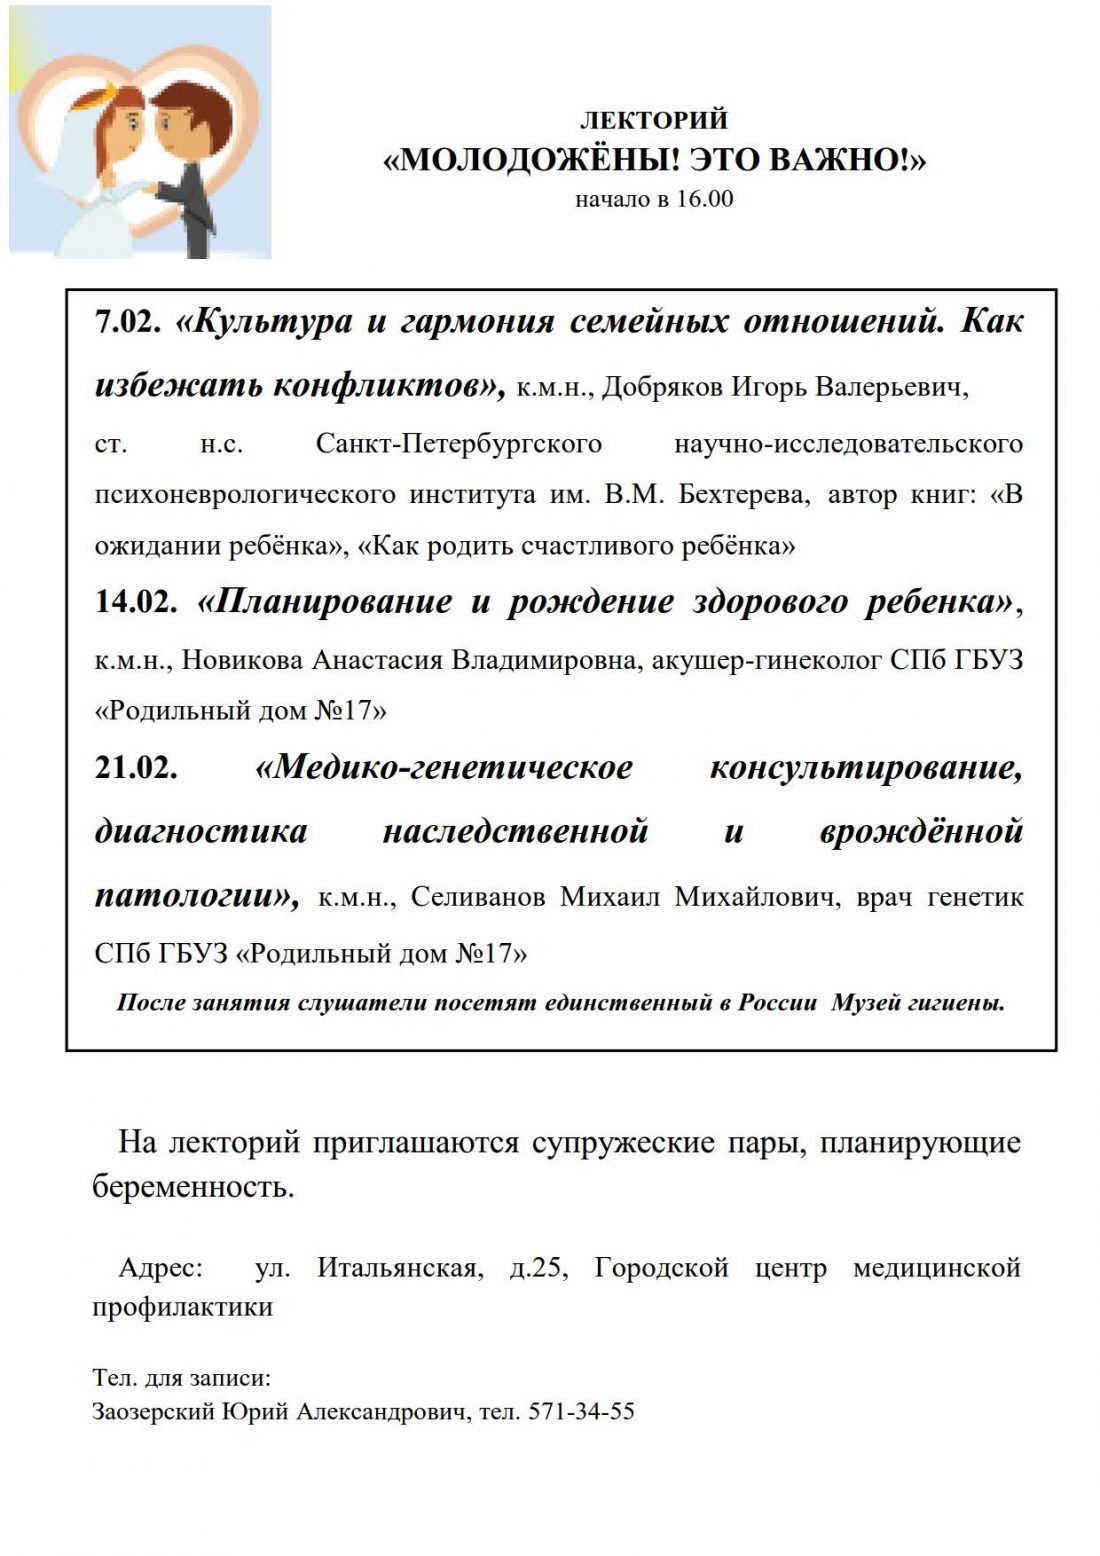 Программа Лекторий для населения_1